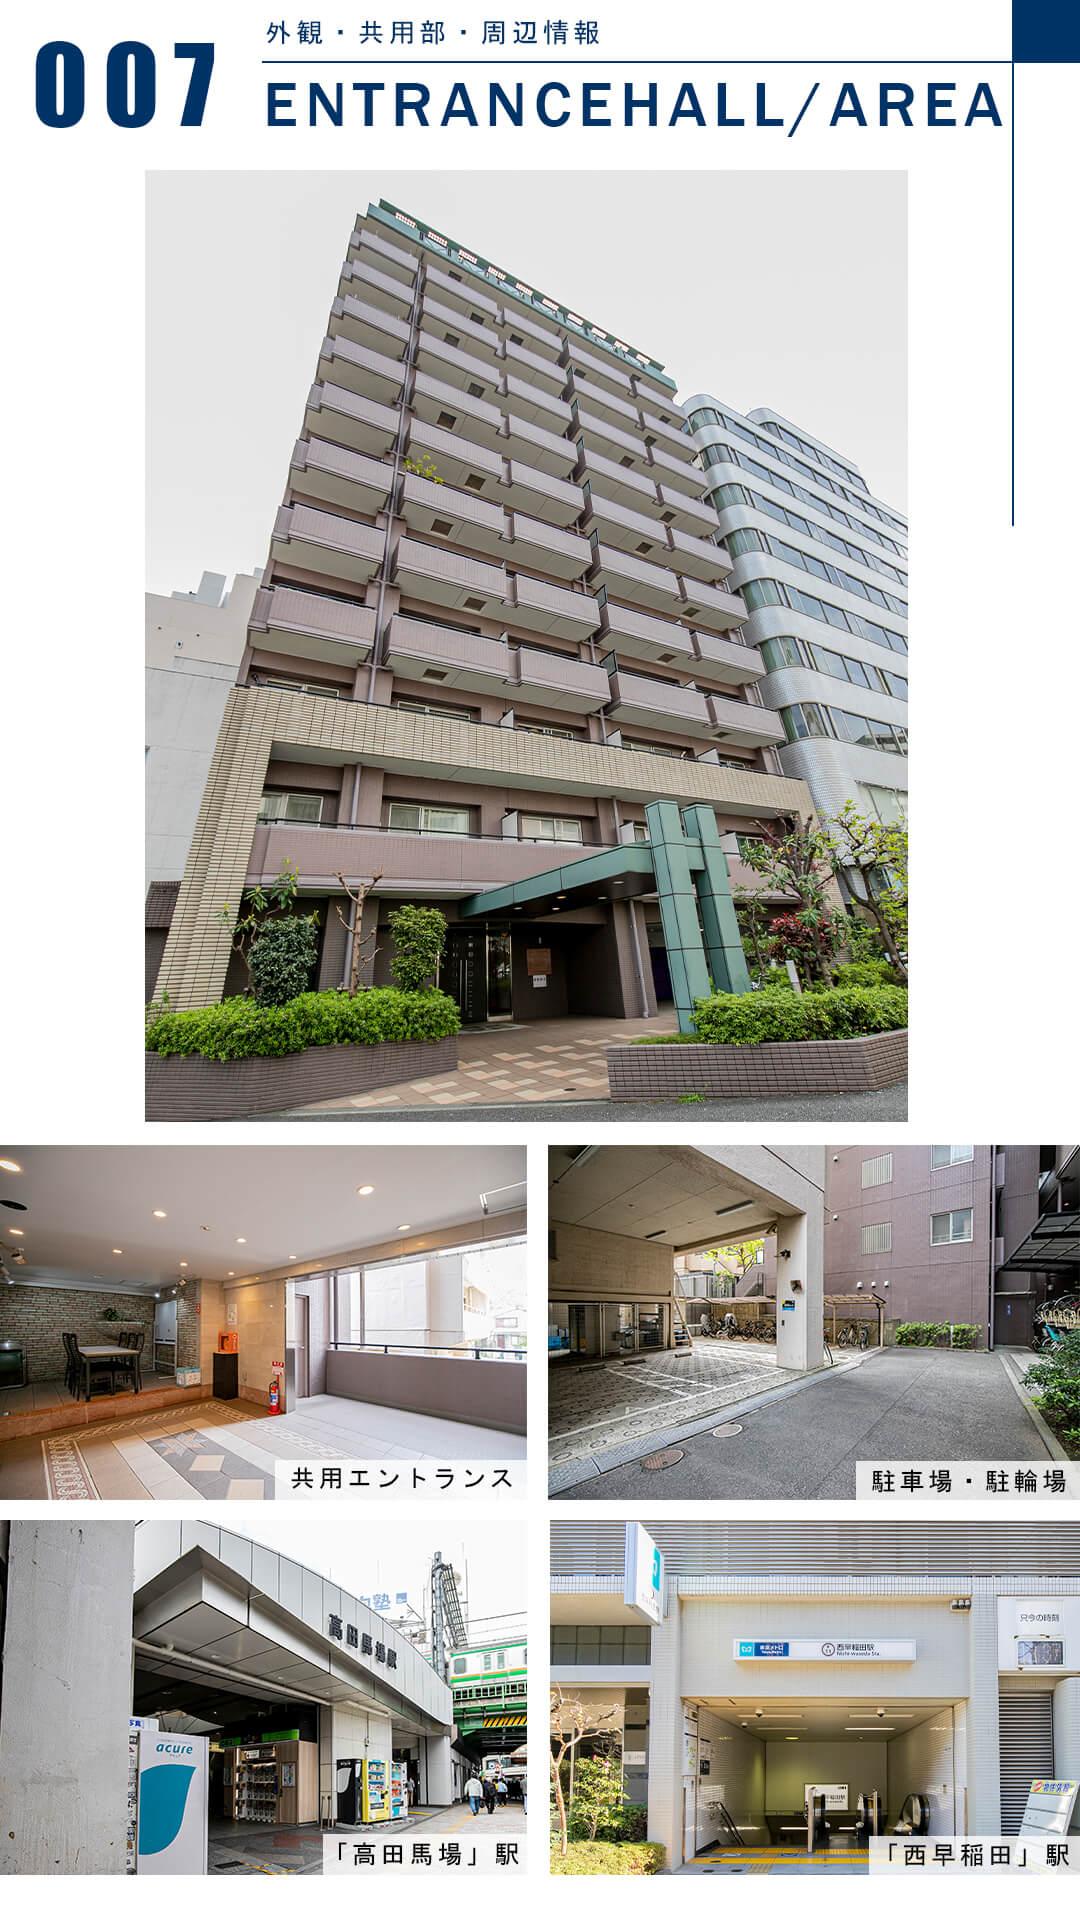 レジェンド西早稲田フォレストタワーの外観と共用部と周辺情報